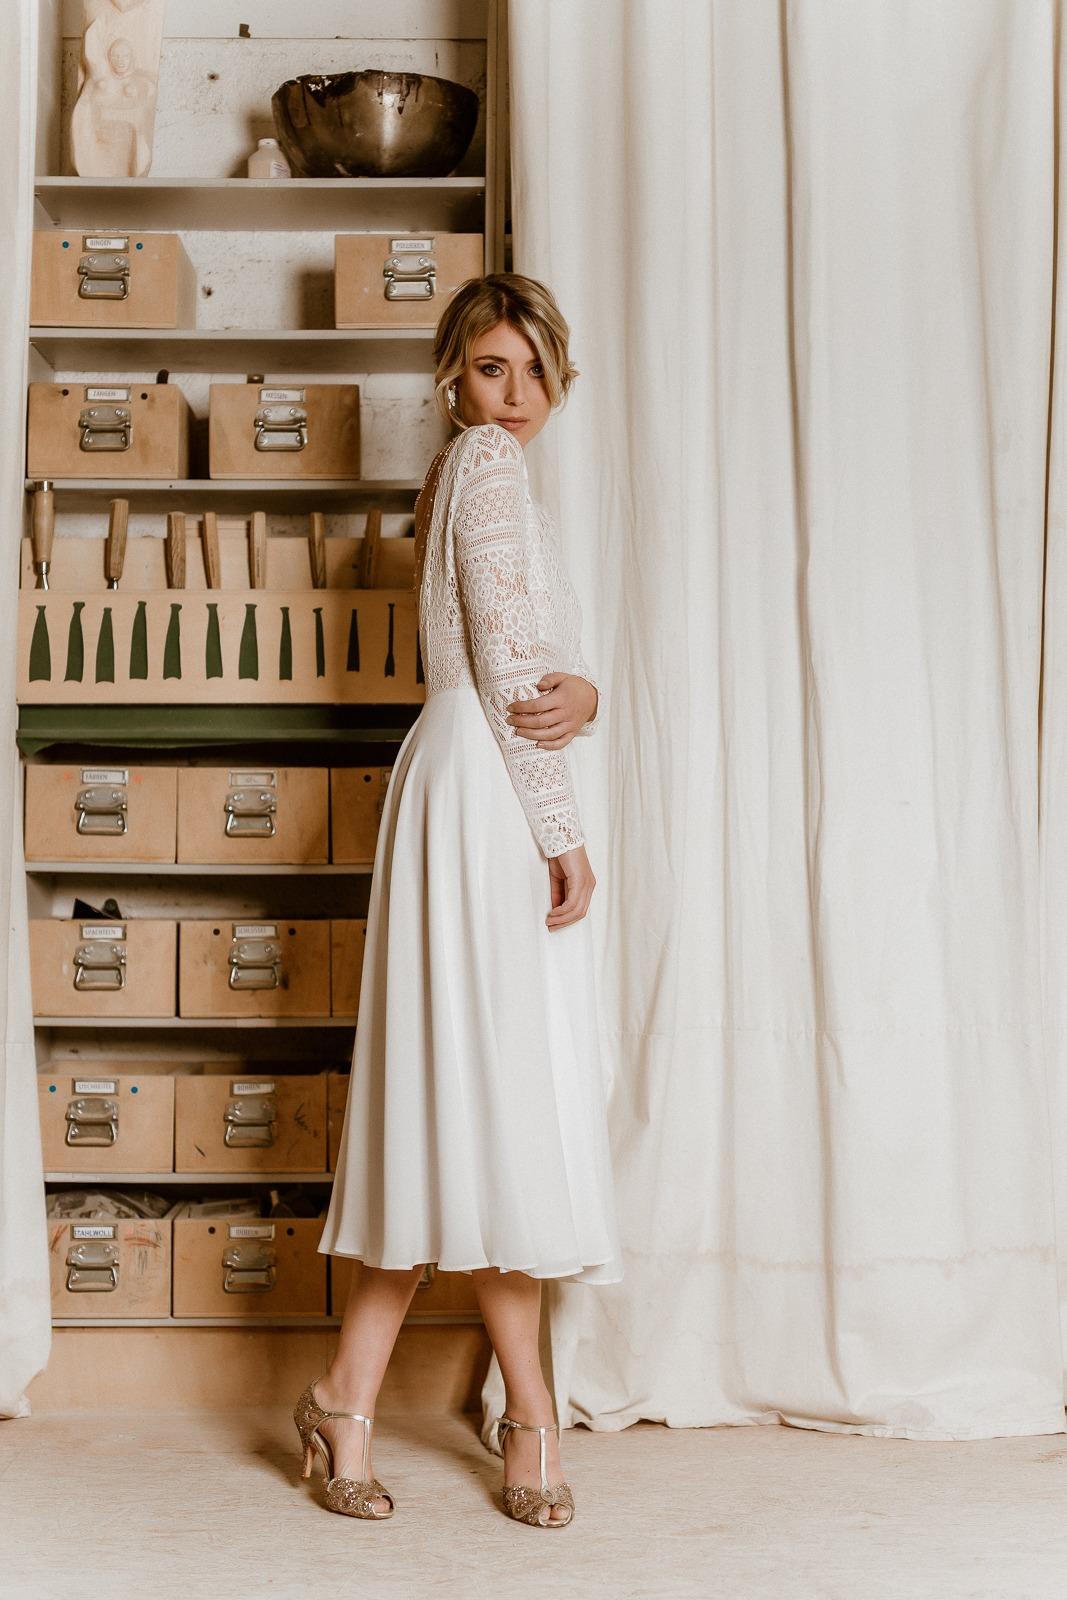 noni Jubiläumskollektion | Rückenfreies Midi-Brautkleid aus Boho-Spitze und Crêpe in Ivory, Seitenansicht, Ganzkörperbild (Foto: Le Hai Linh)